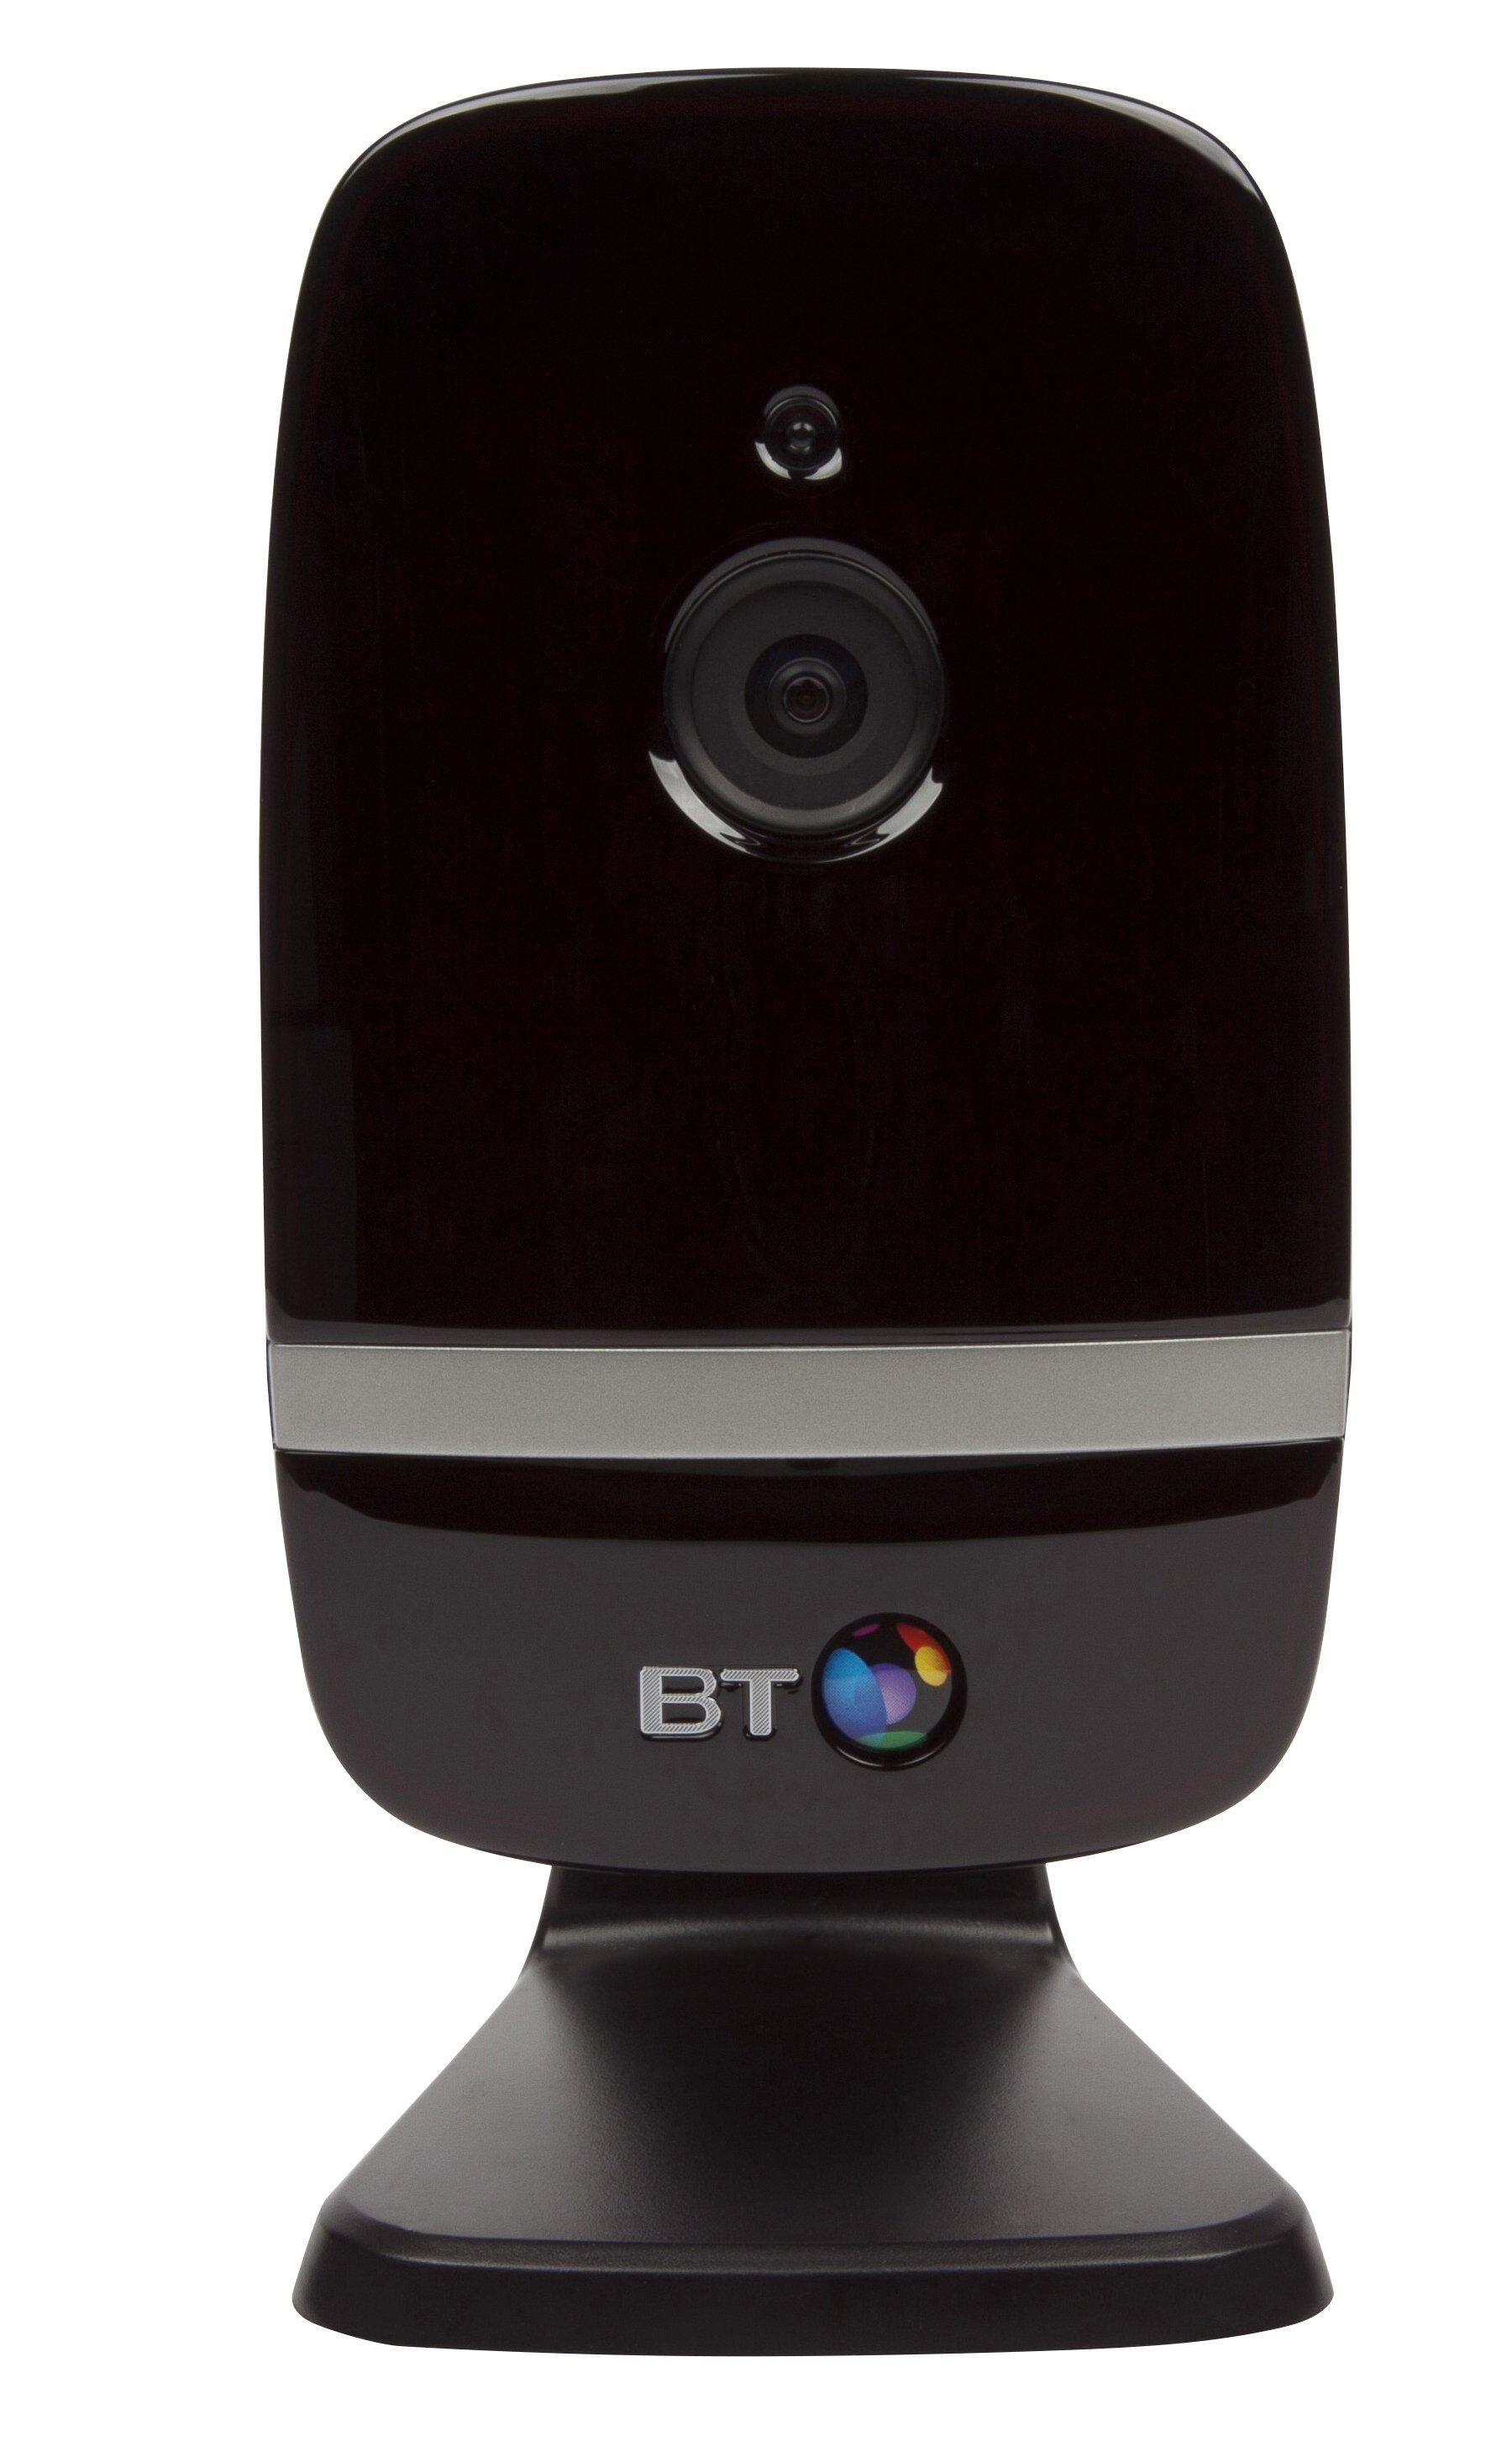 1bt Wireless Webcam Wire Center 7805circuit1 Bt Smart Home Cam 100 Review Expert Reviews Rh Expertreviews Co Uk Surveillance